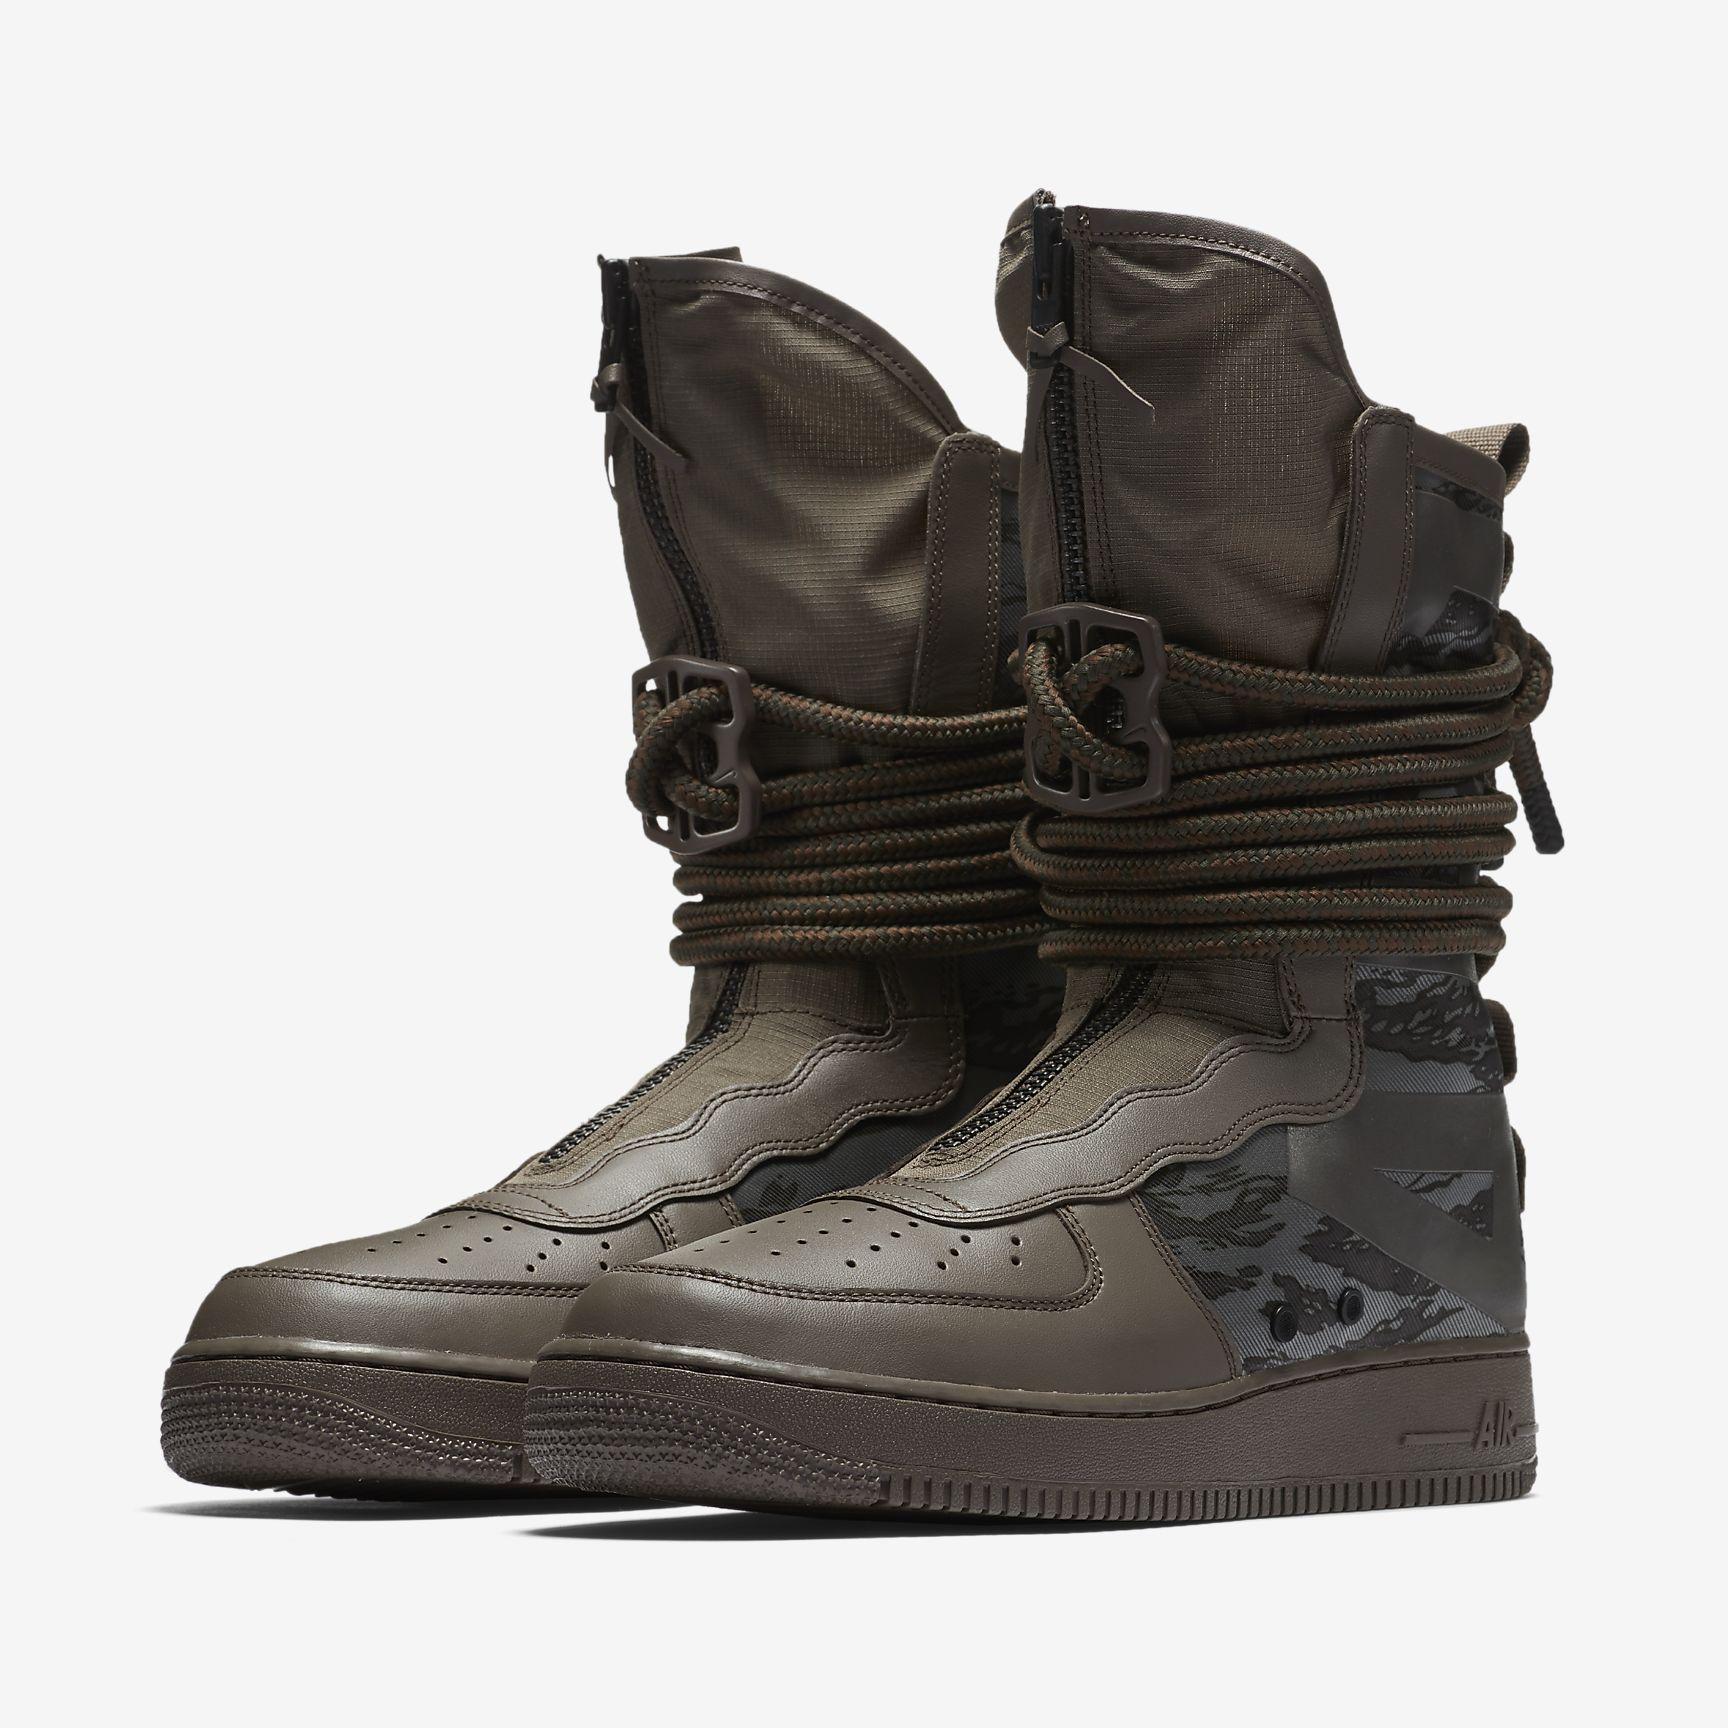 Nike SF Air Force 1 Hi | Boots, Camo